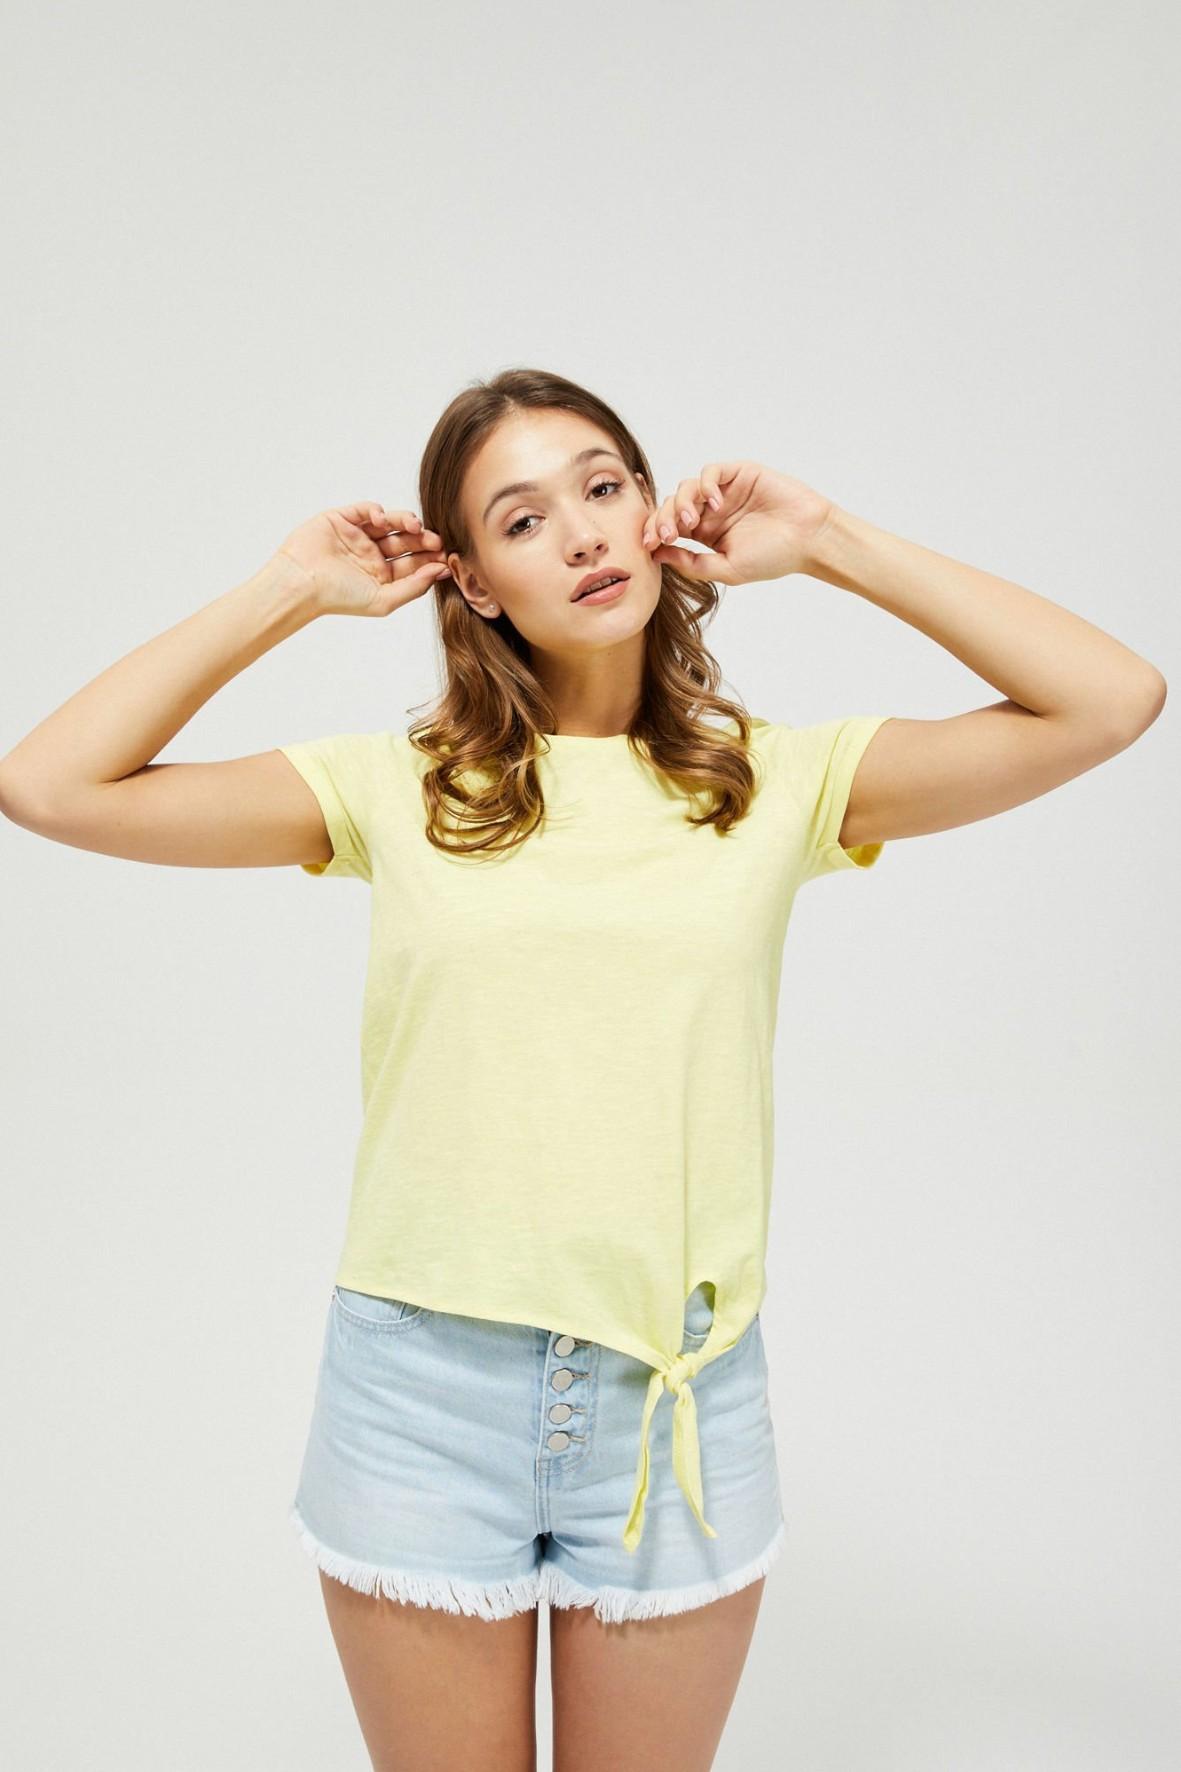 Bawełniany żółty T-shirt damski na krótki rękaw z ozdobnym wiązaniem